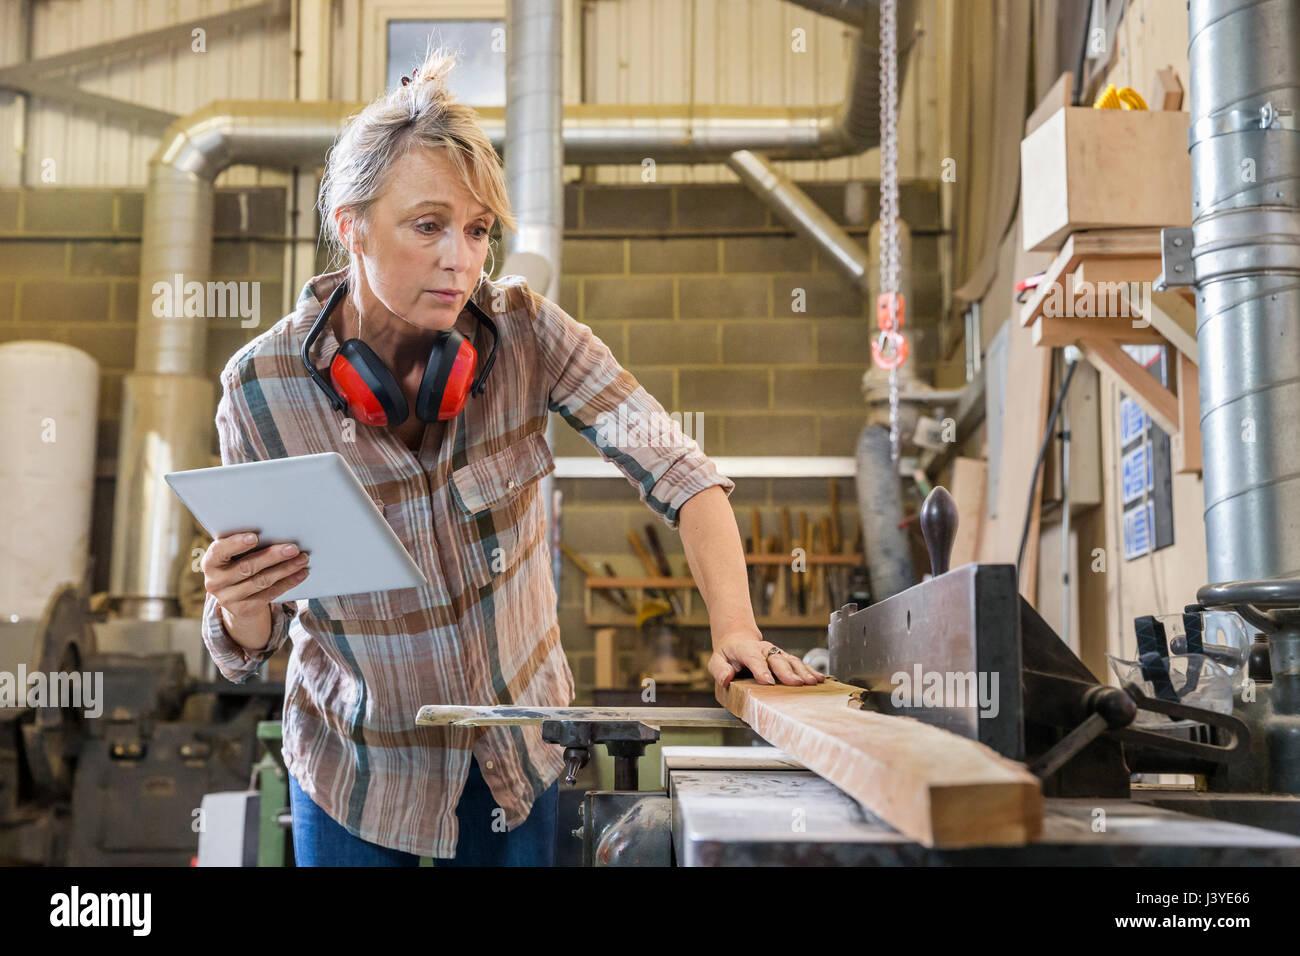 Consultation des instructions sur tablet femme lors de l'utilisation de machines dans l'atelier du bois Photo Stock